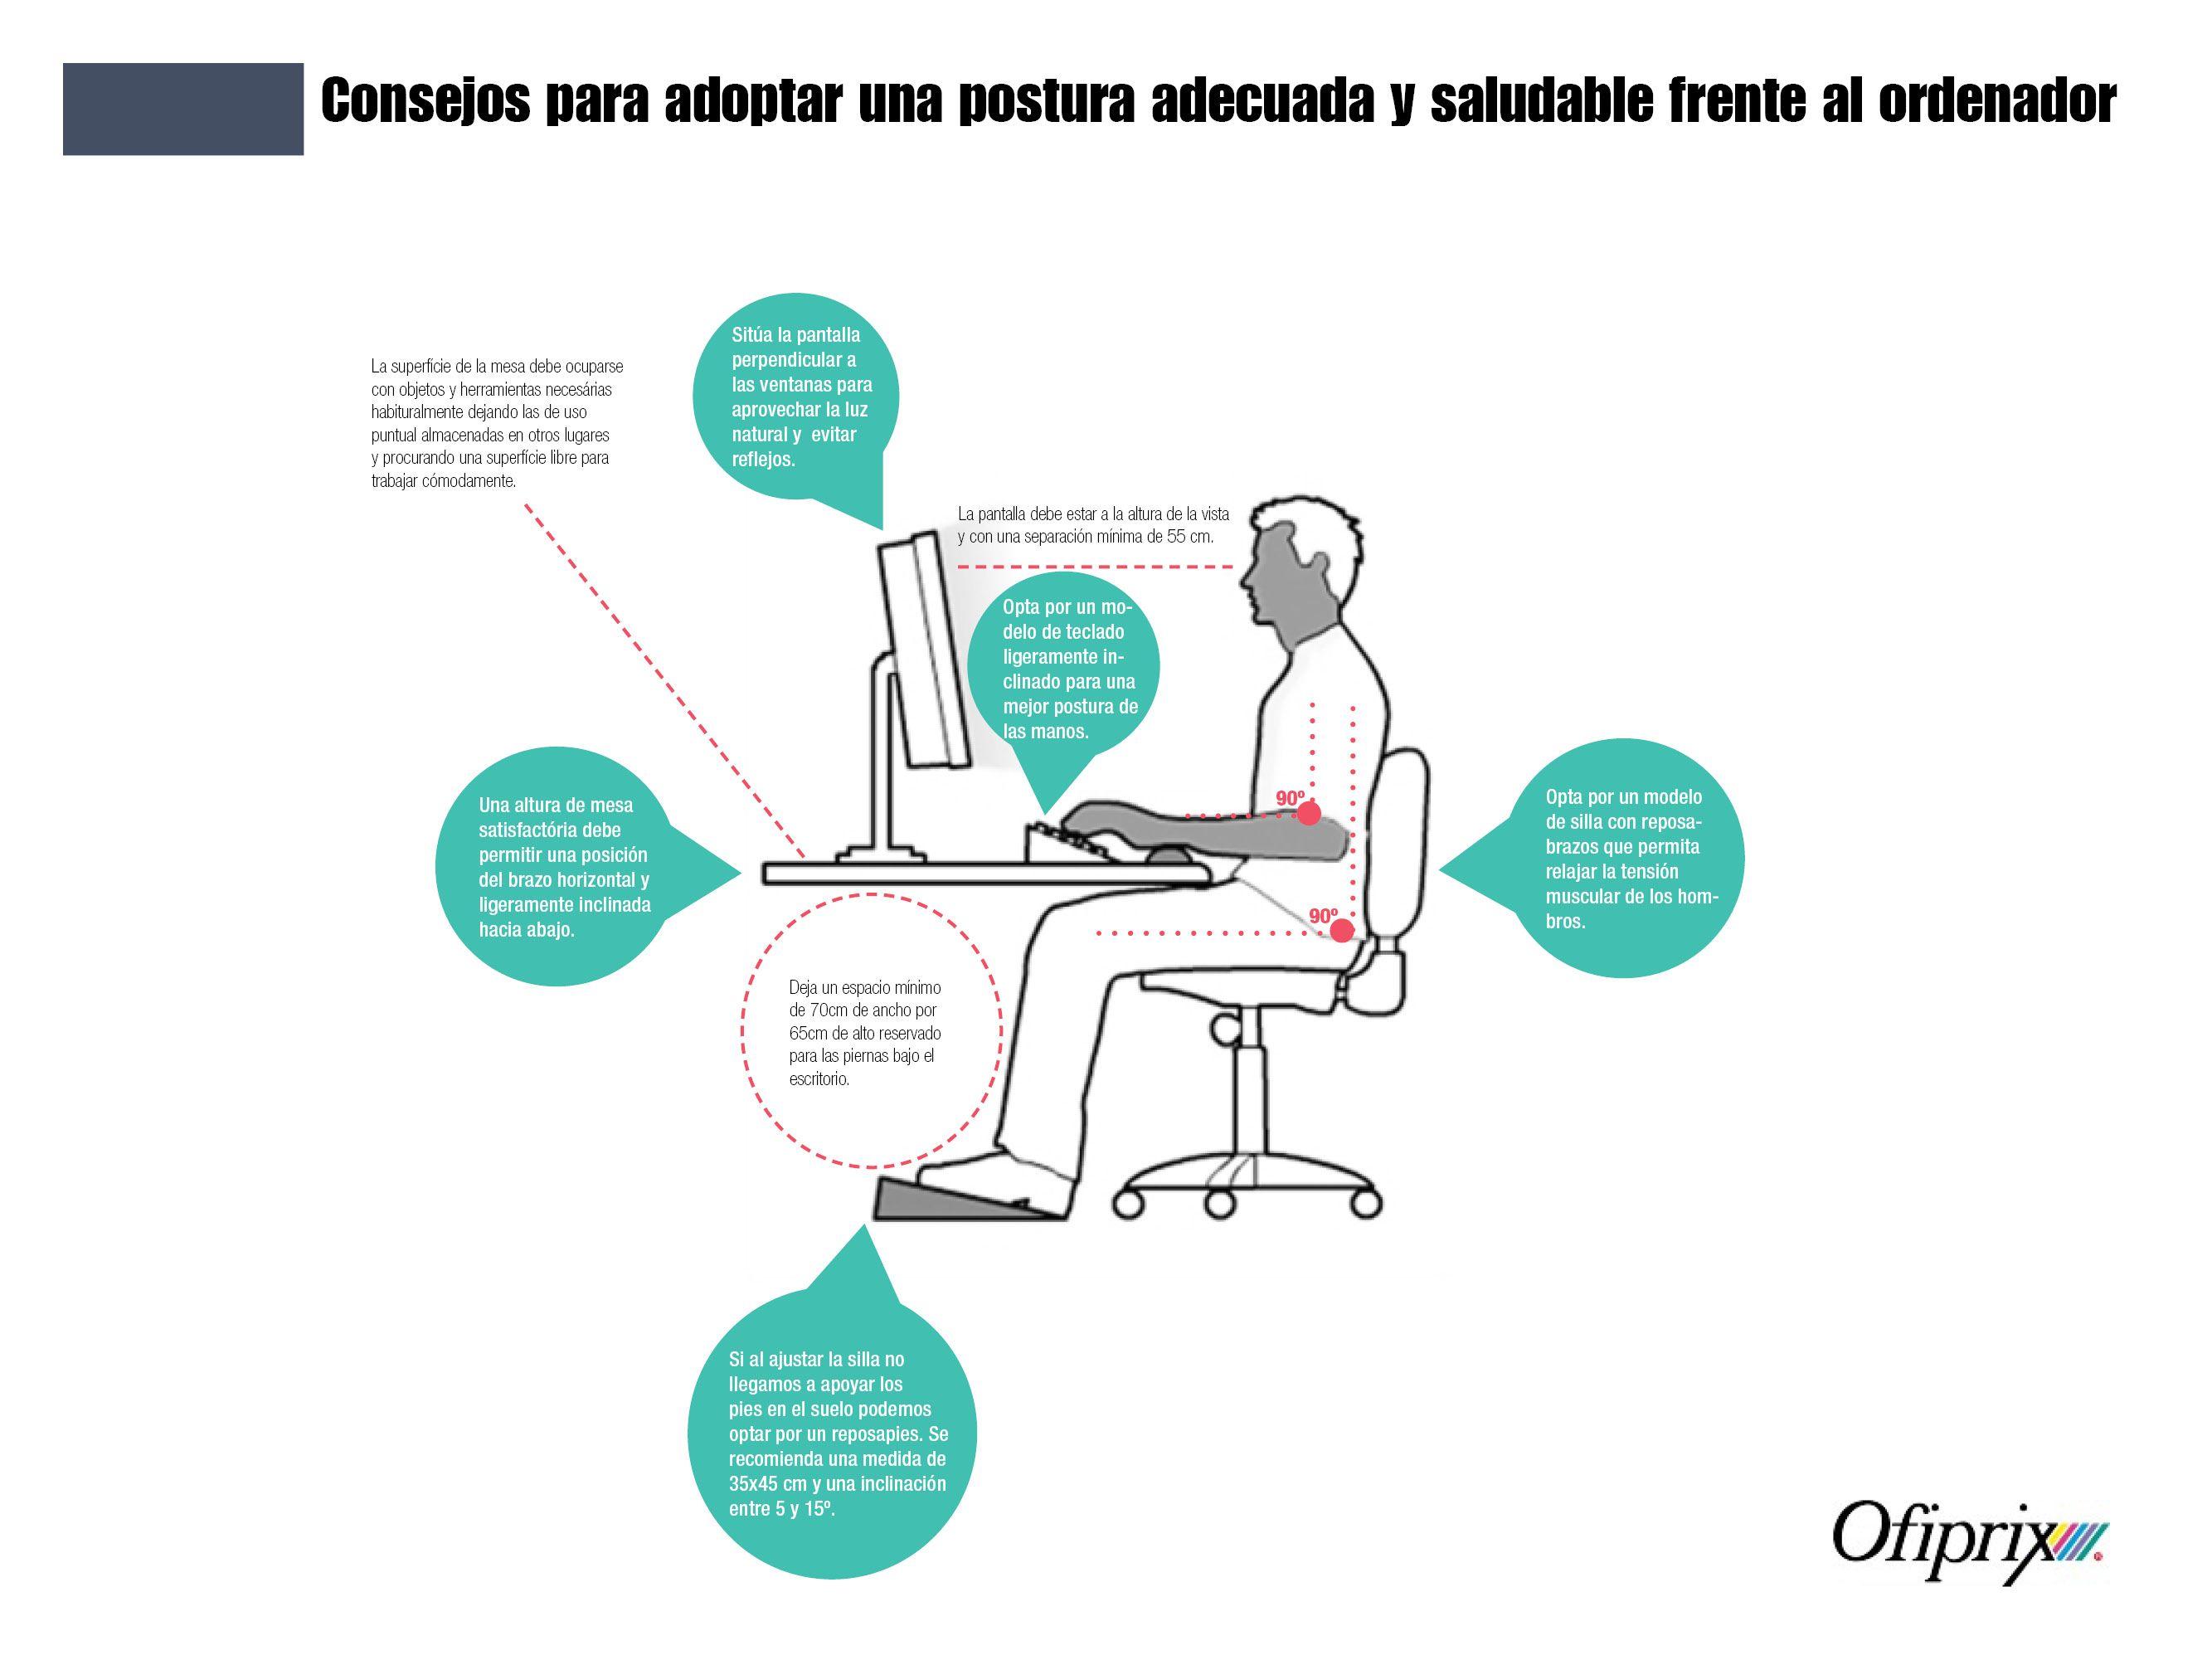 5 excelentes ejemplos de ergonom a en el trabajo no te for Ergonomia en el trabajo de oficina